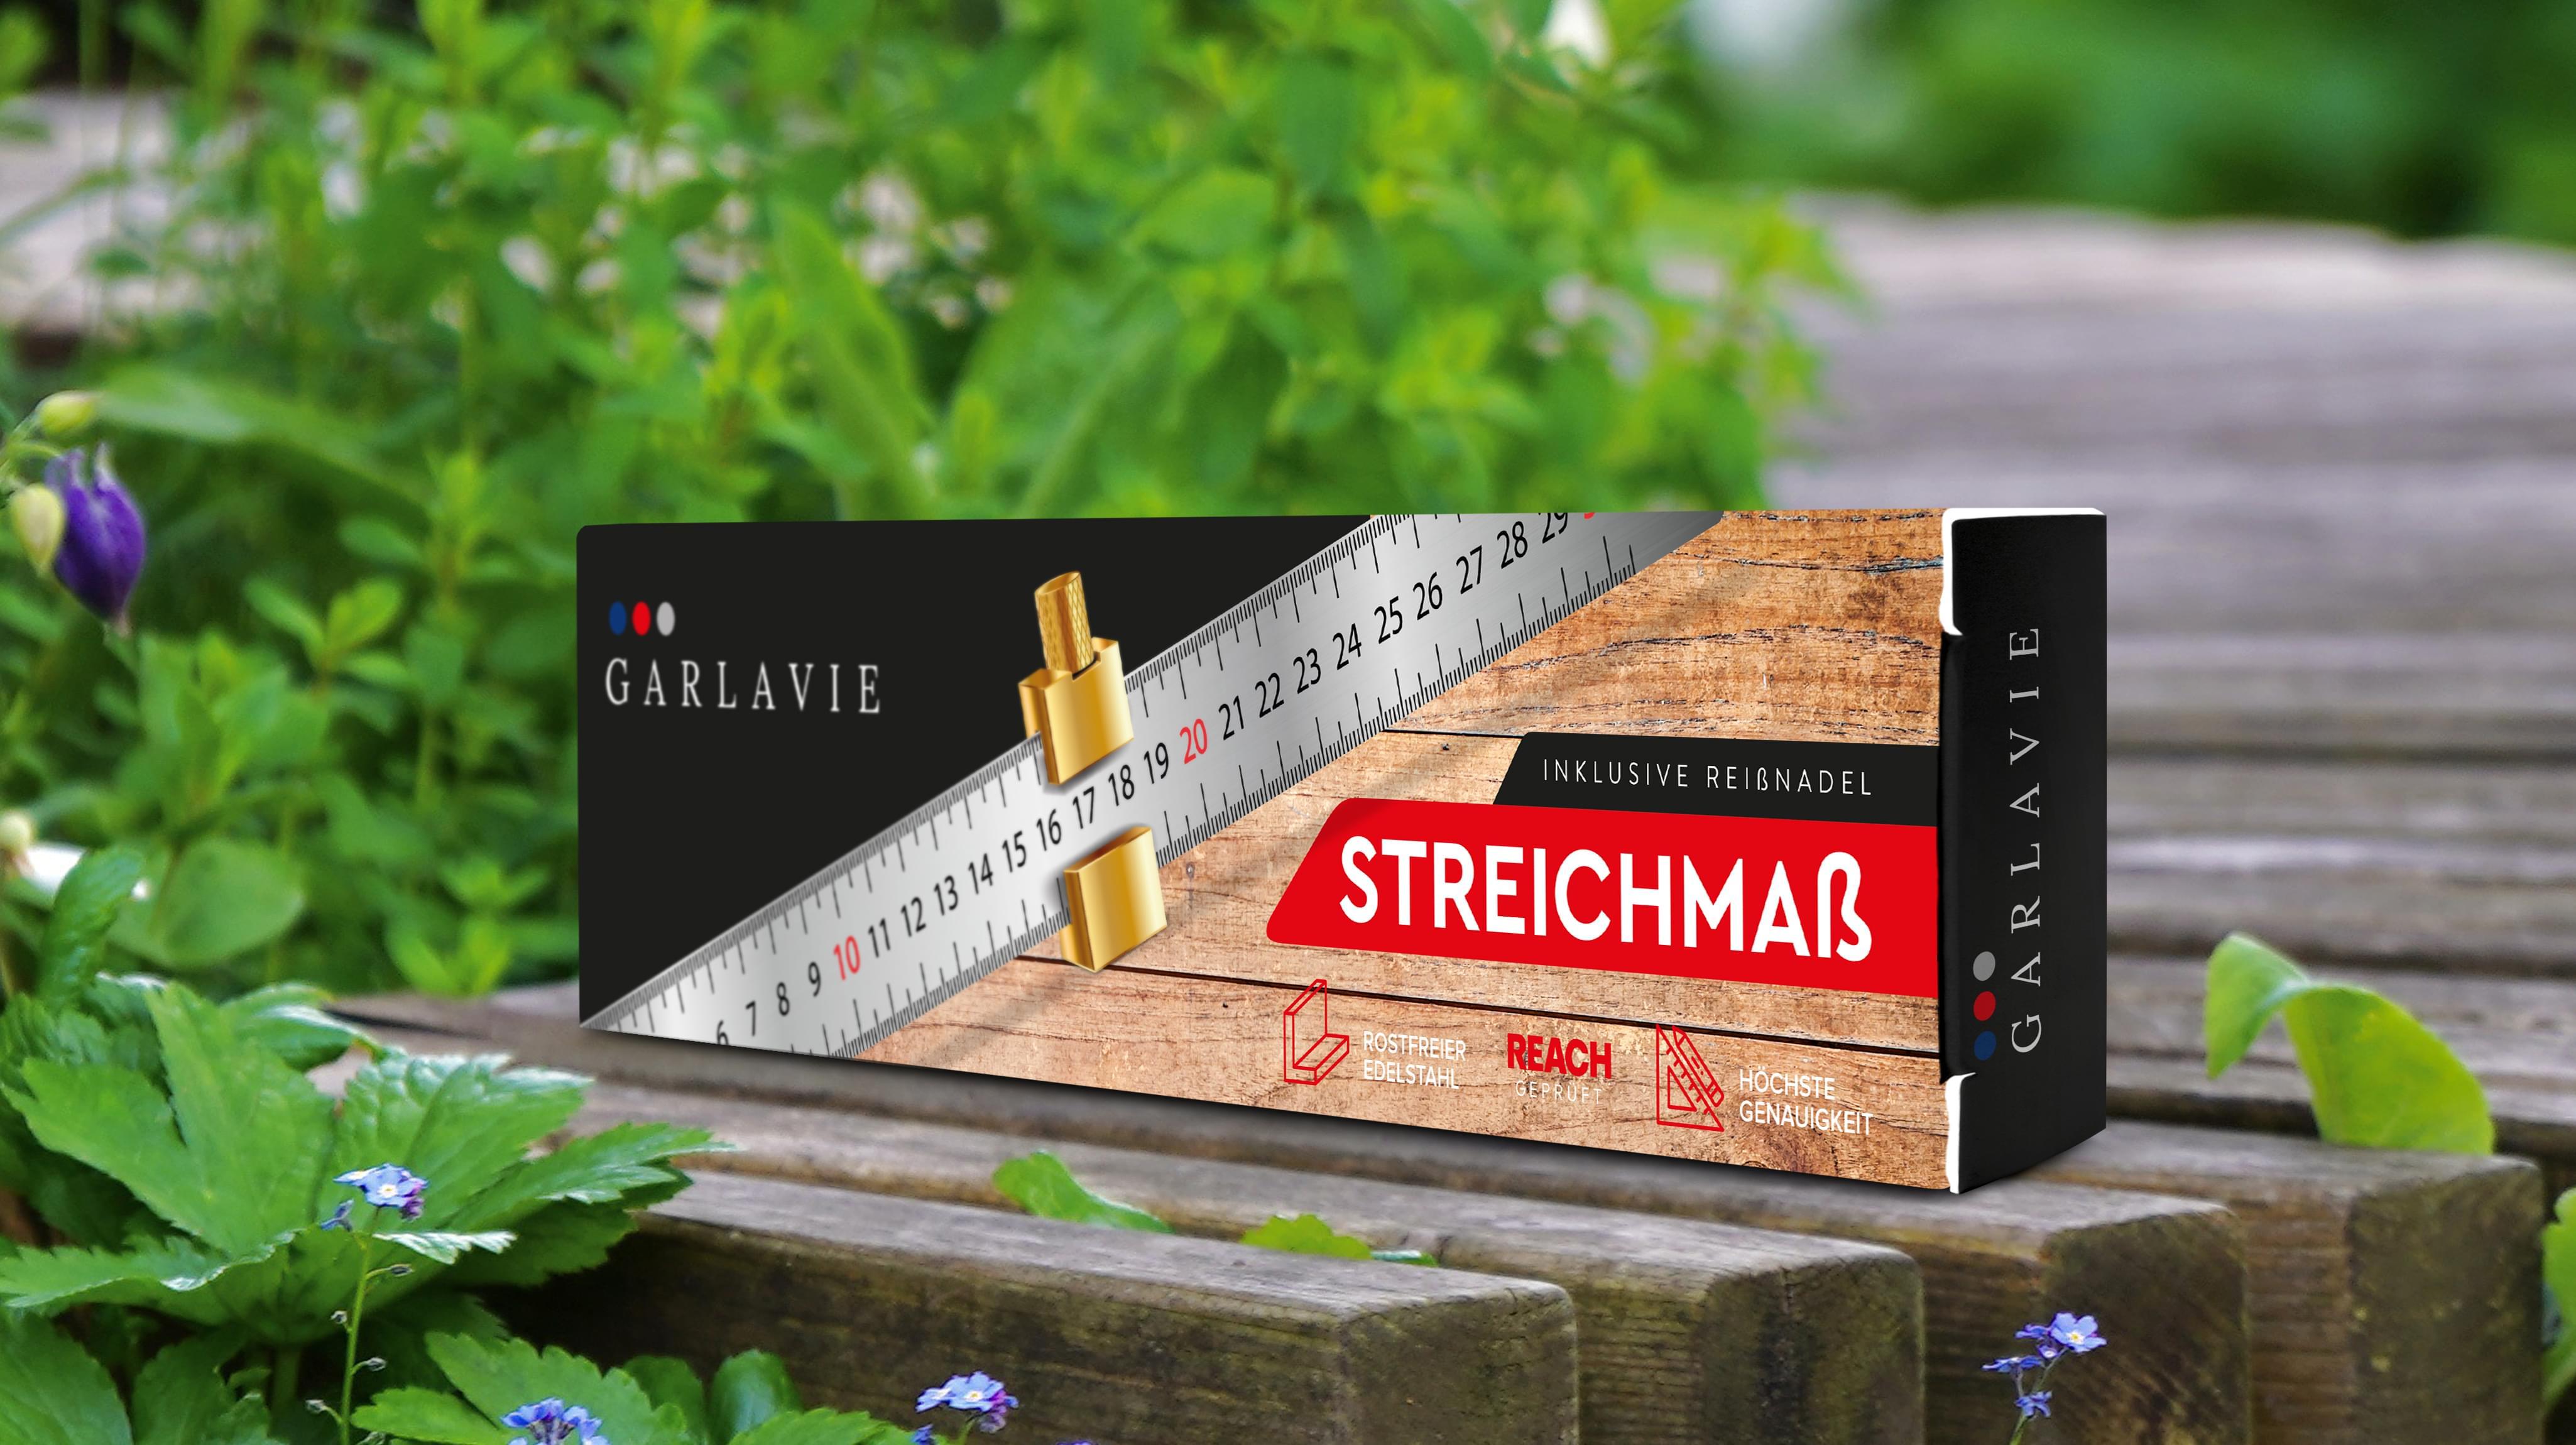 GARLAVIE Packaging